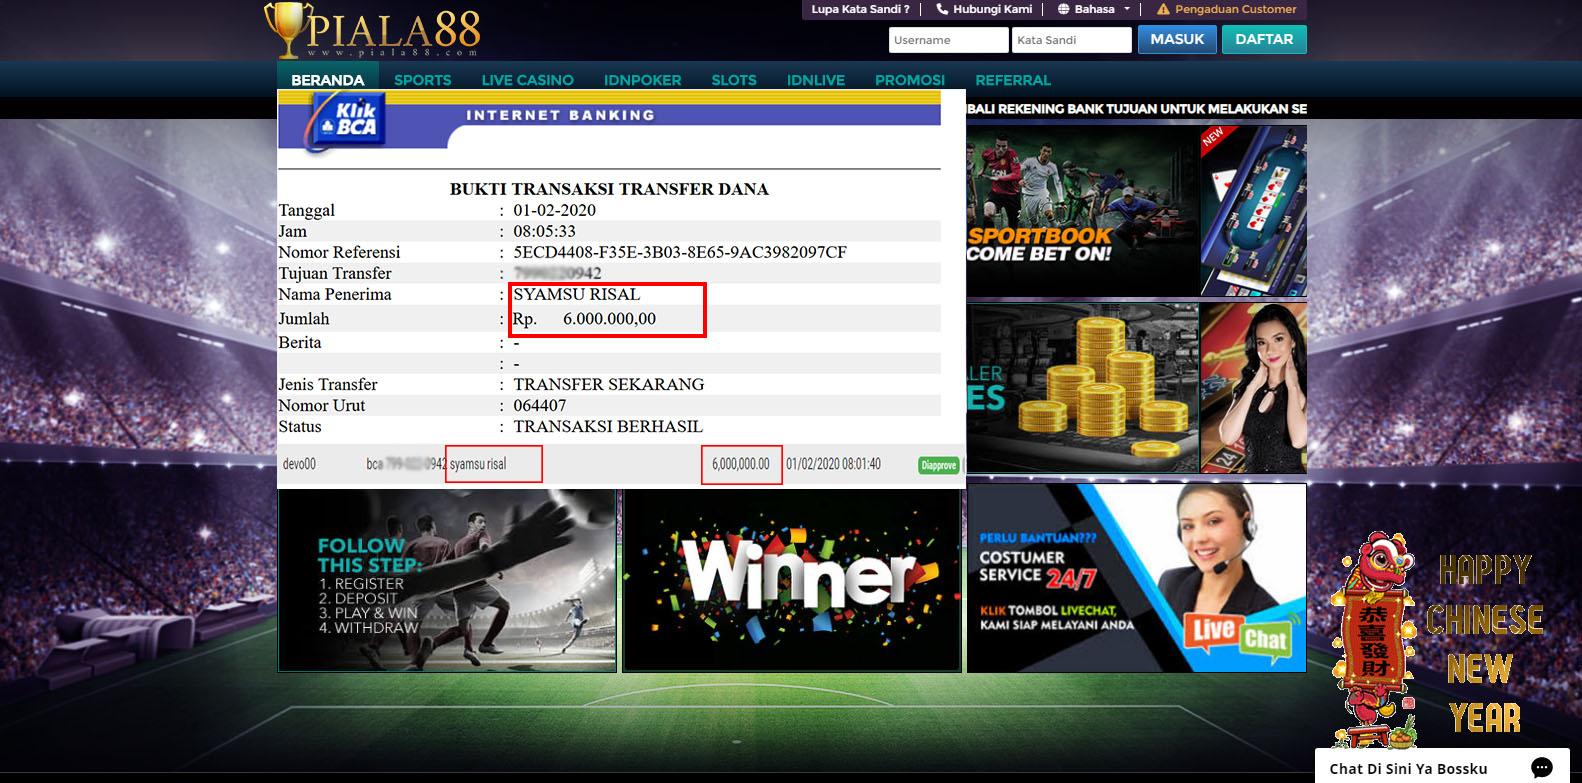 Selamat Kepada Member Setia PIALA88 Withdraw RP 6.000.000